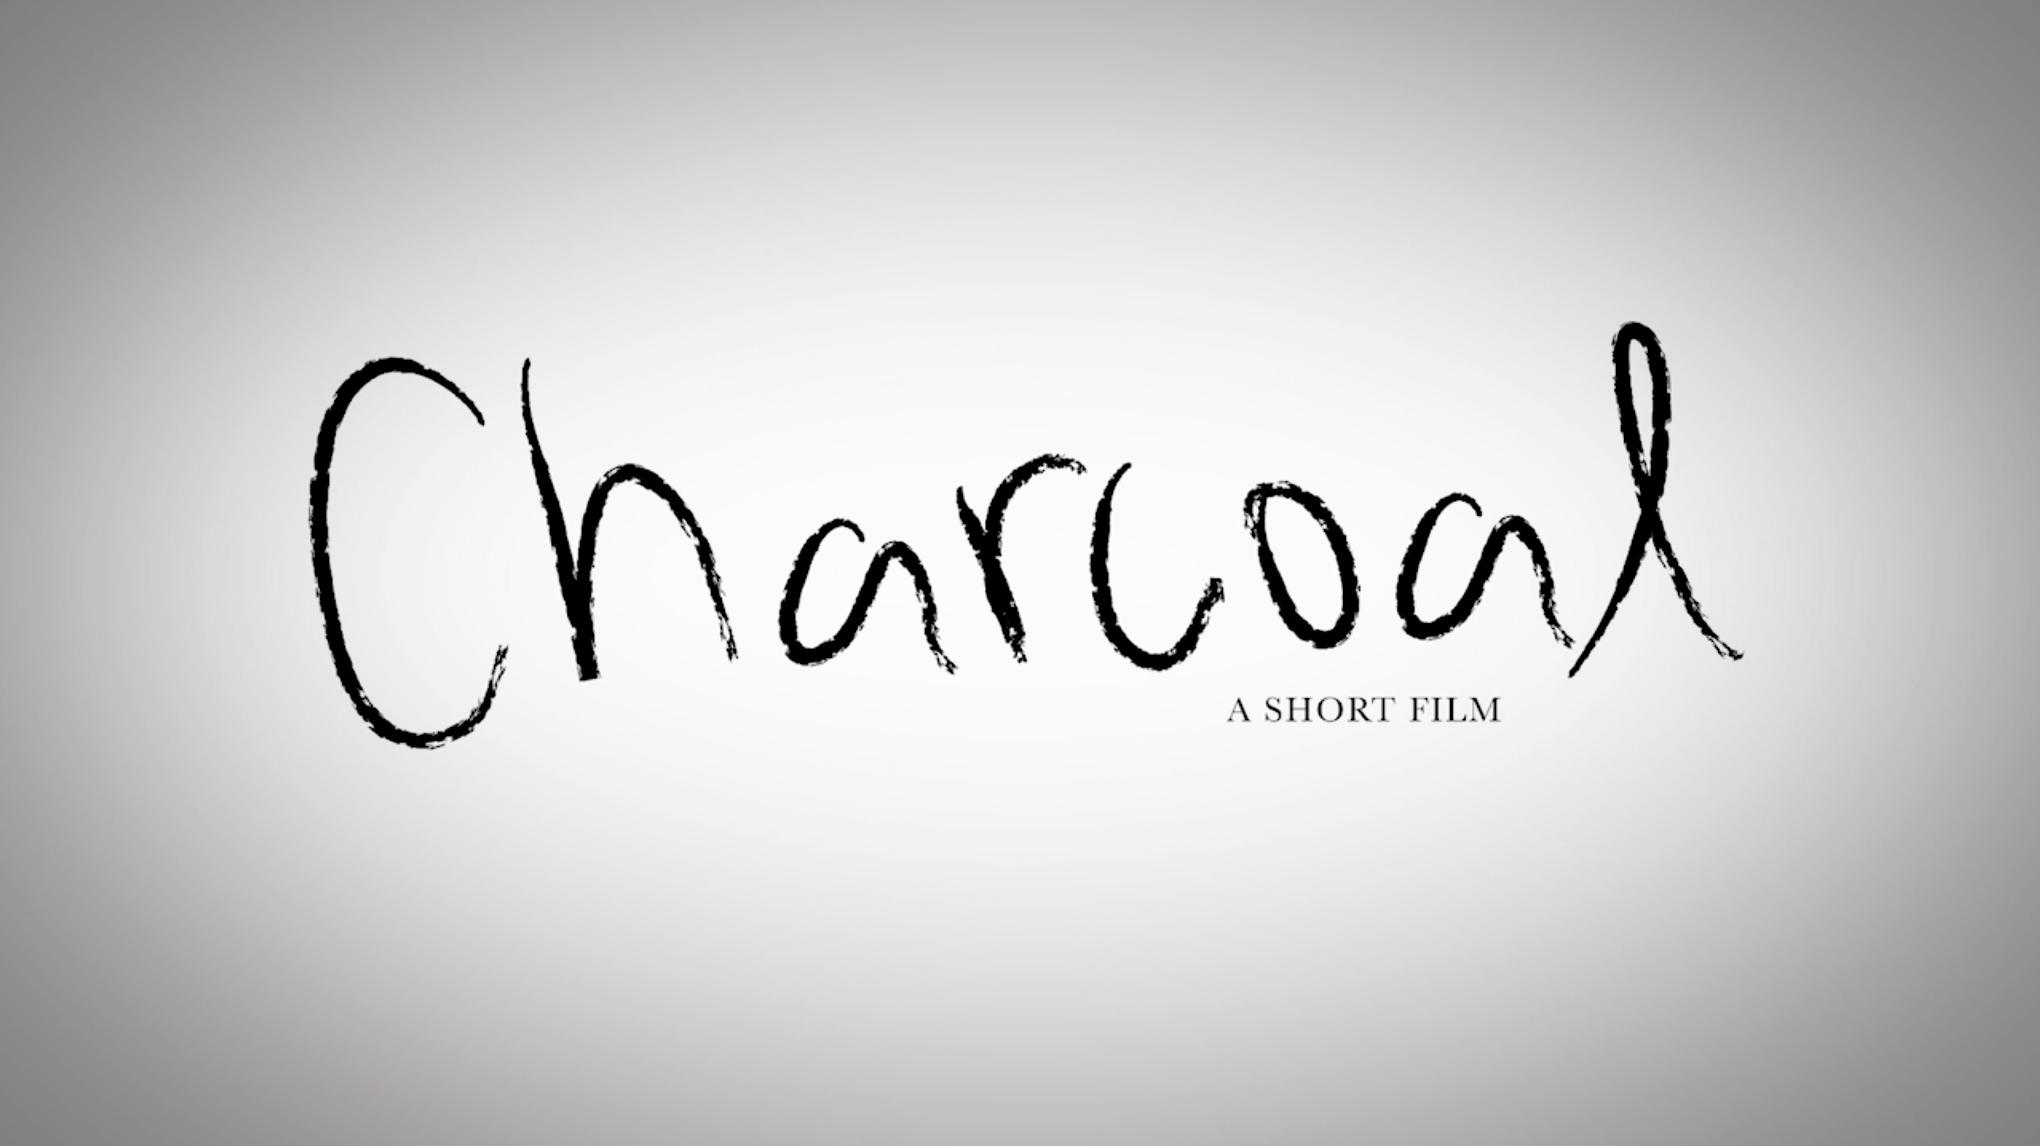 Charcoal: A Short Film